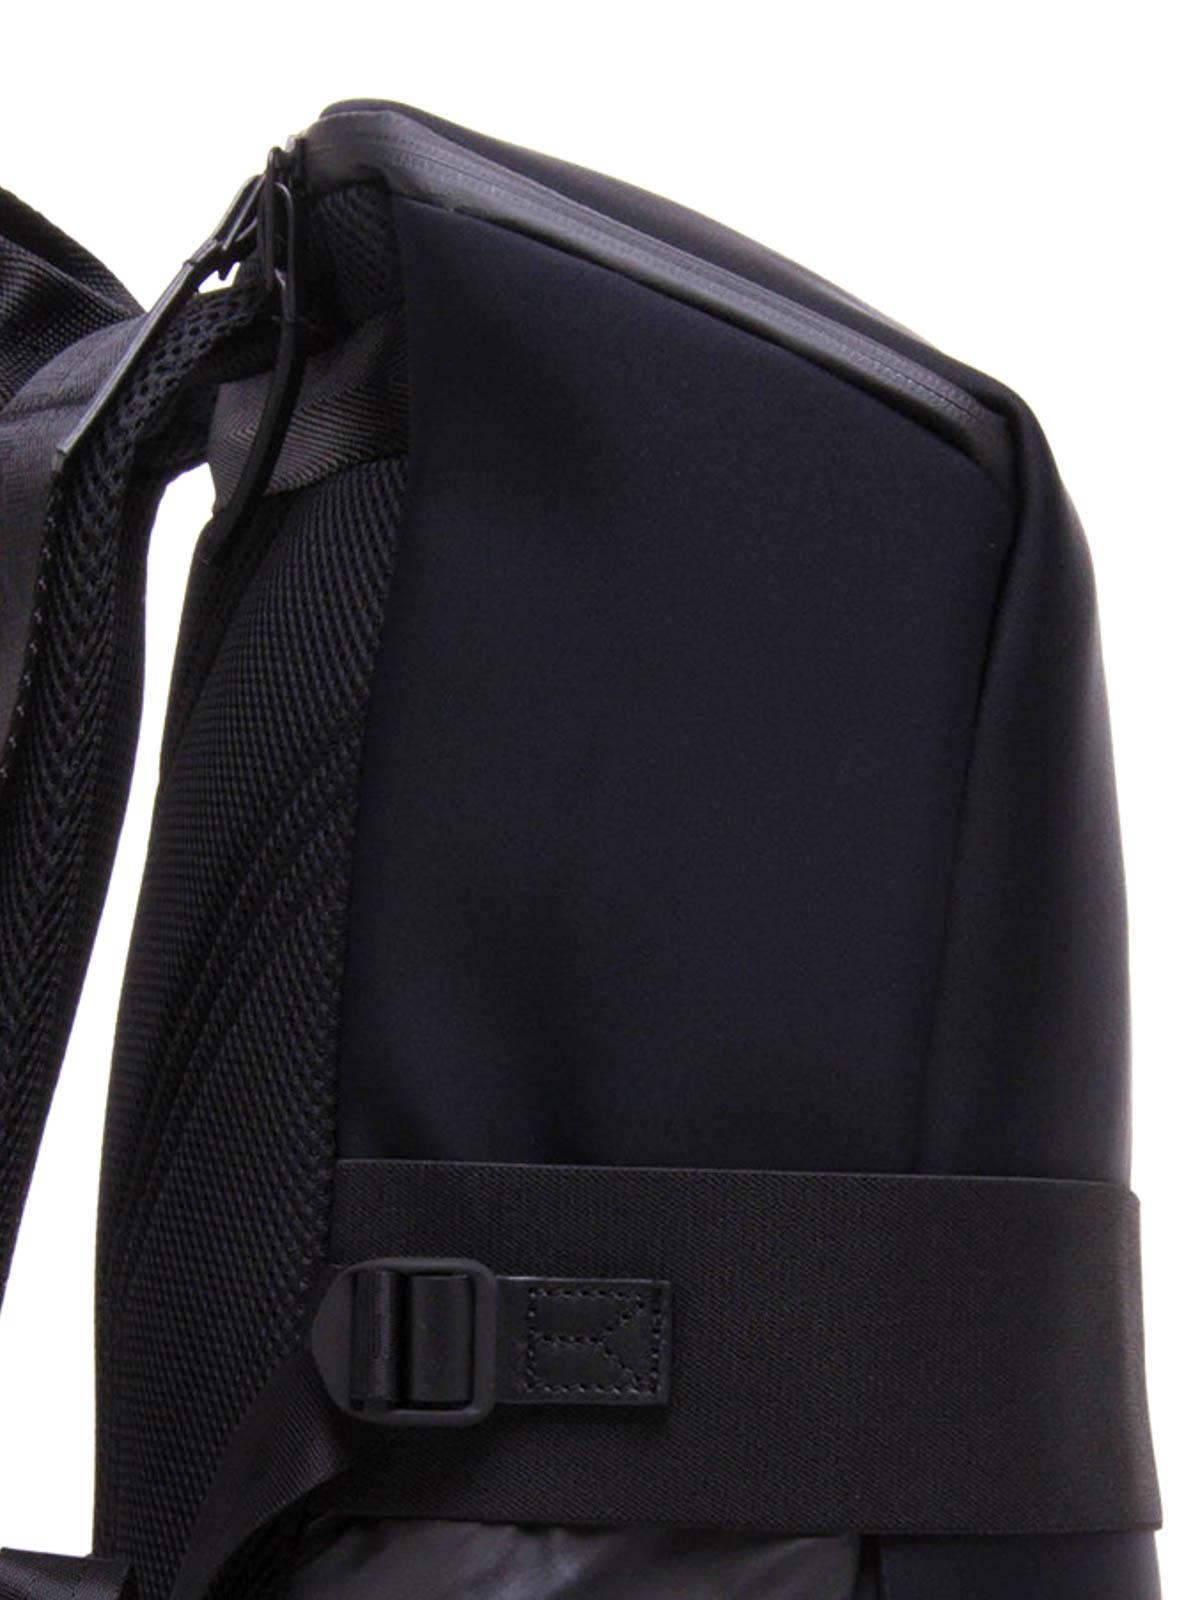 b81add695cc5d Adidas Y-3 - Qasa small backpack - Rucksäcke - AZ7839BLACK